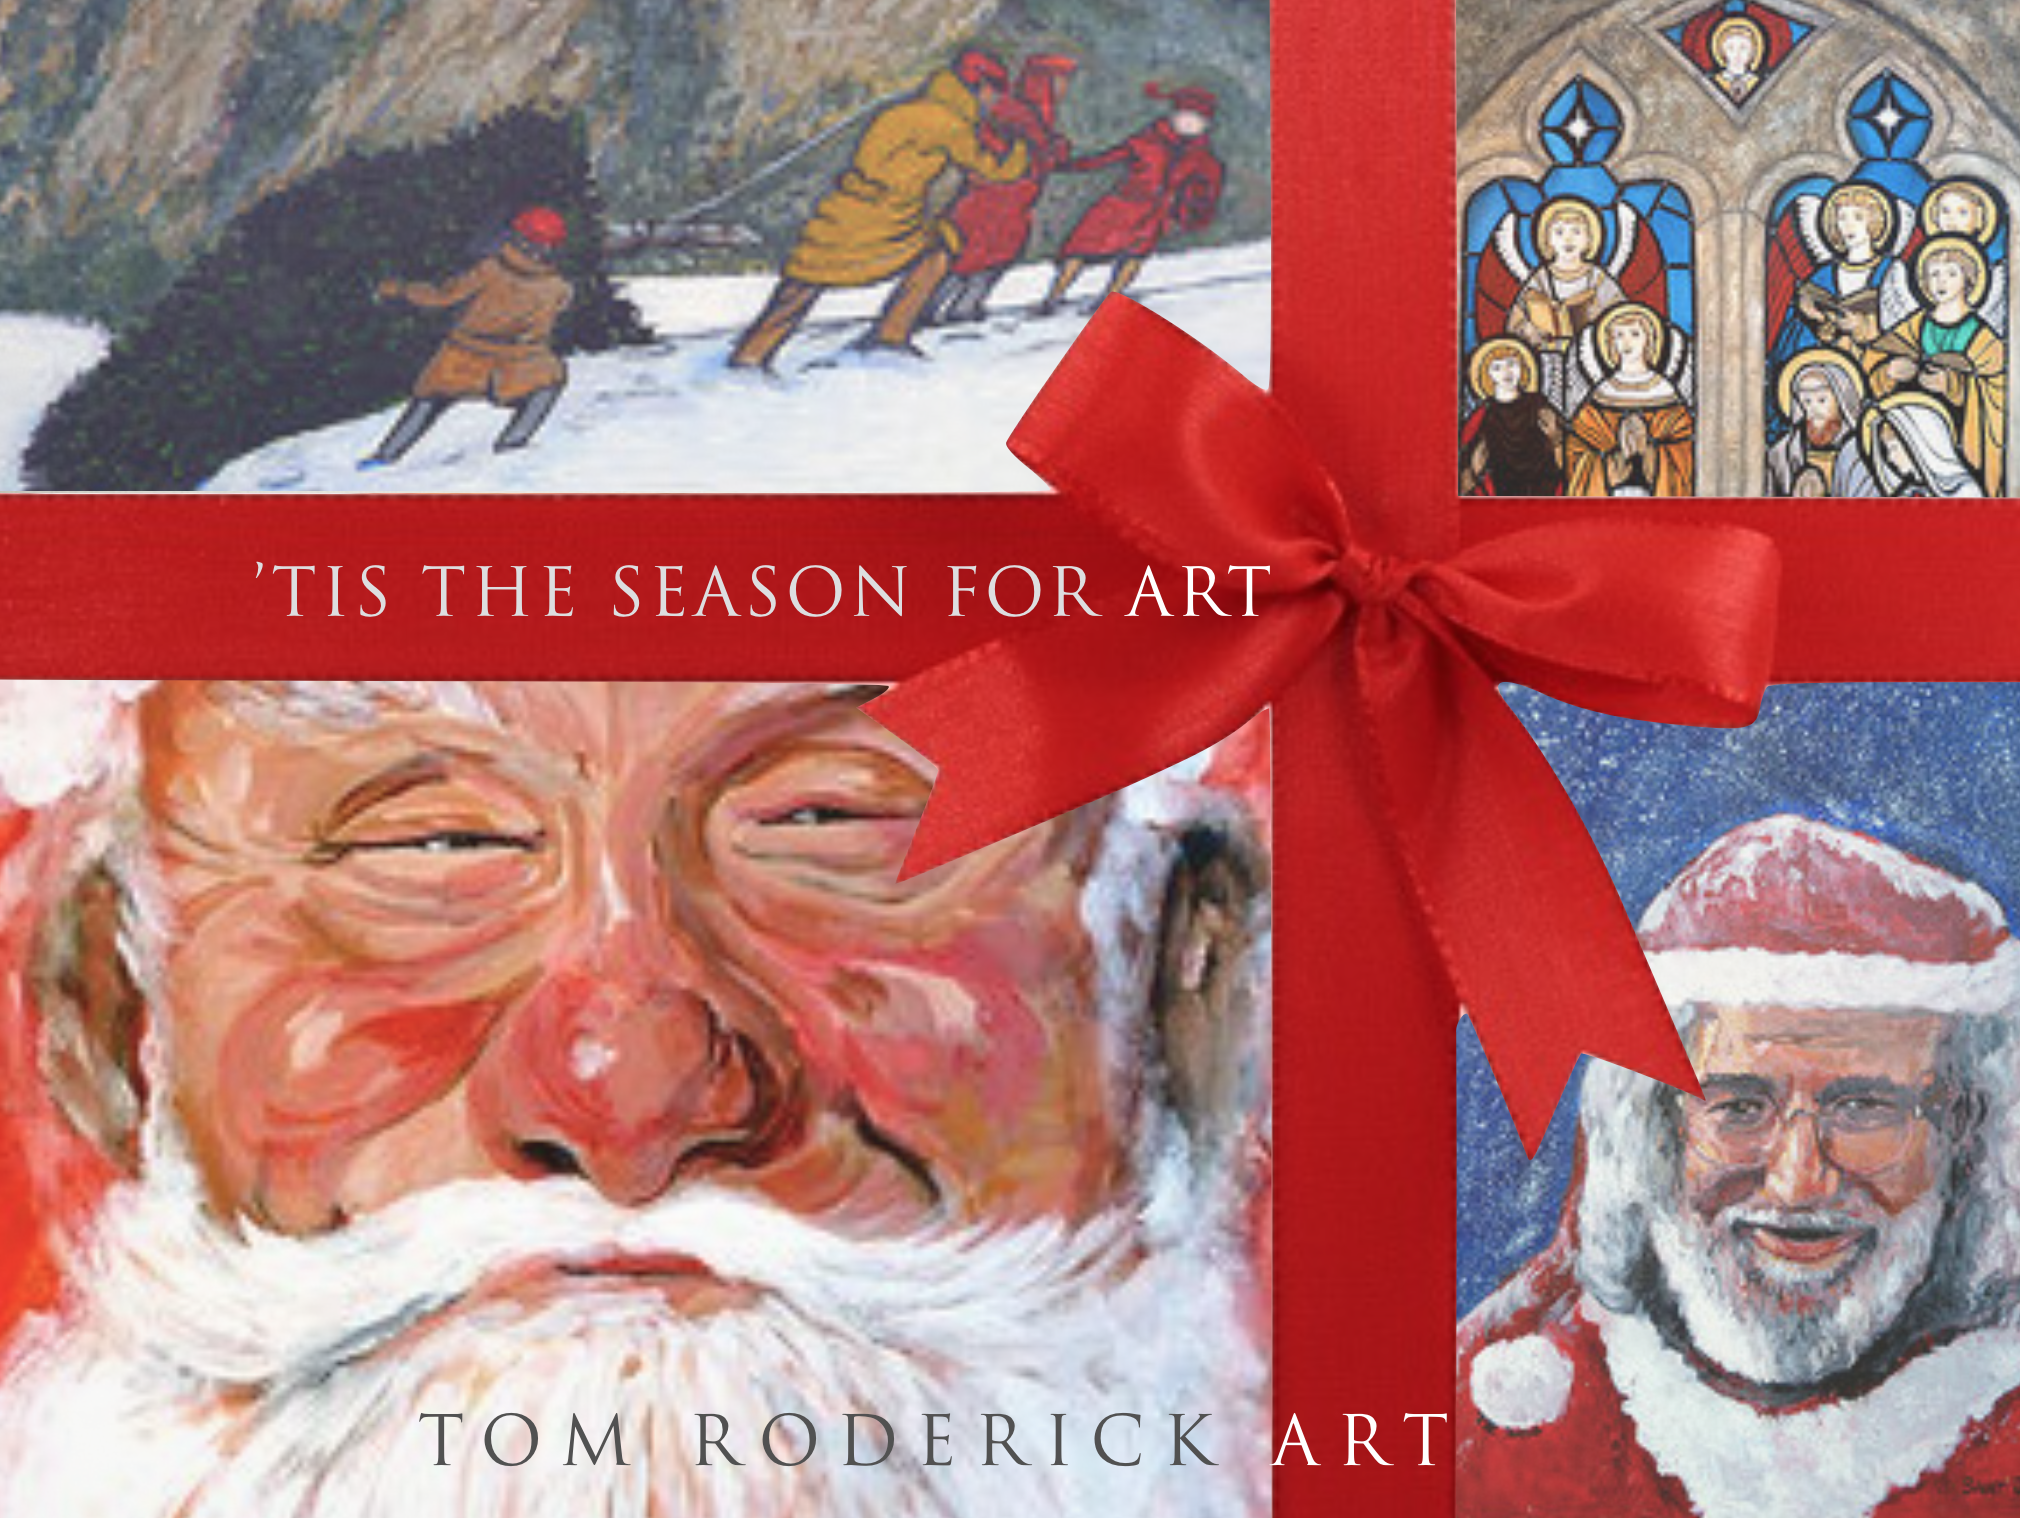 tom_roderick_seasonal_art.png